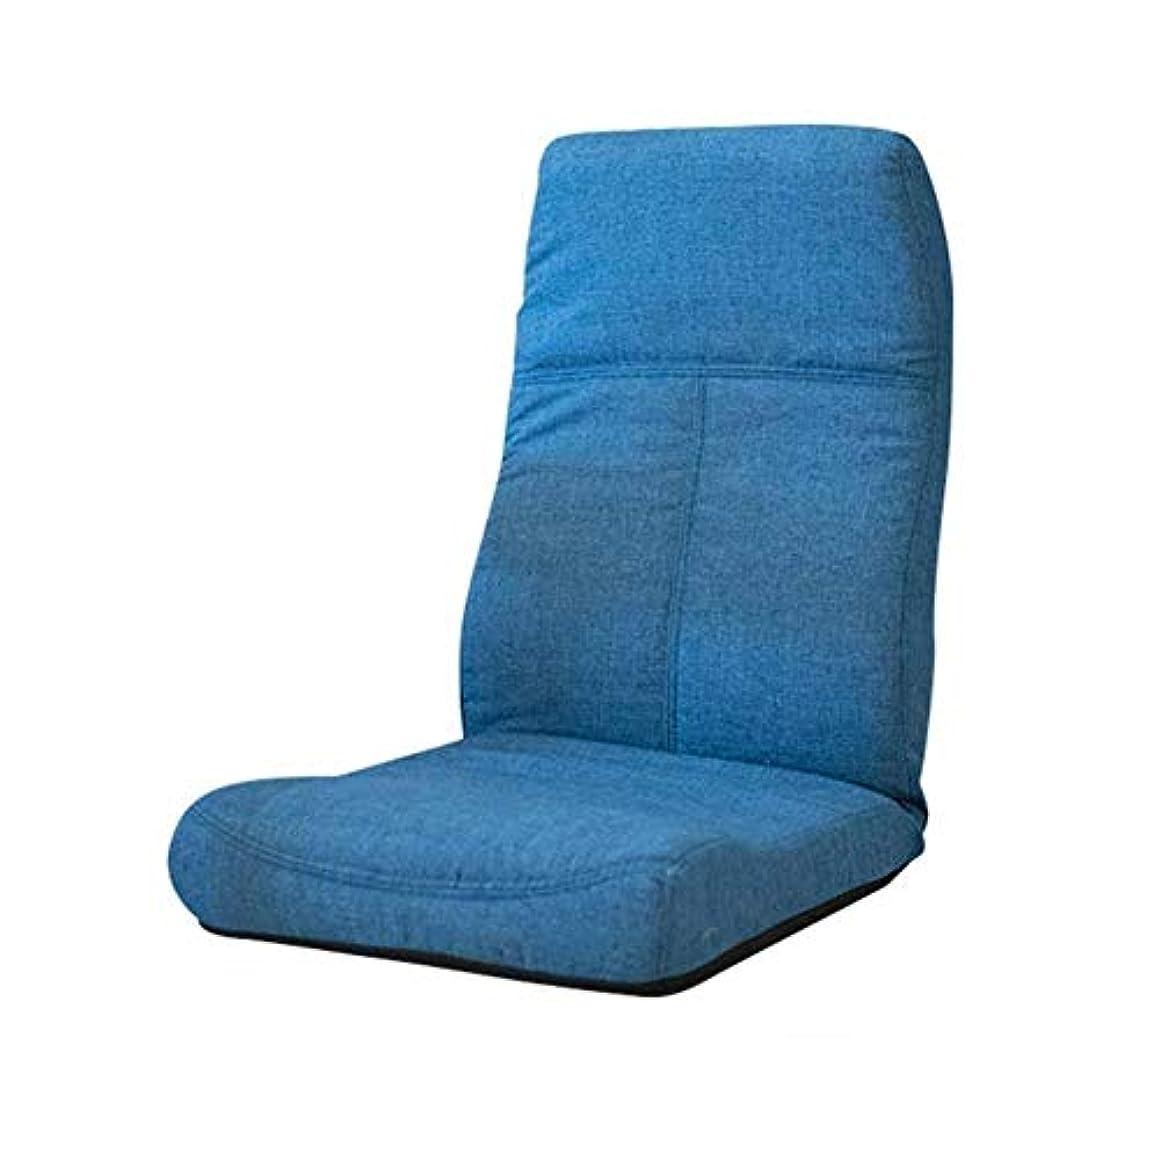 瞑想の椅子、座るソファー、折りたたみ畳の床、折り畳み式の洗える増粘、バルコニーの寝室のコンピュータークッションブルー